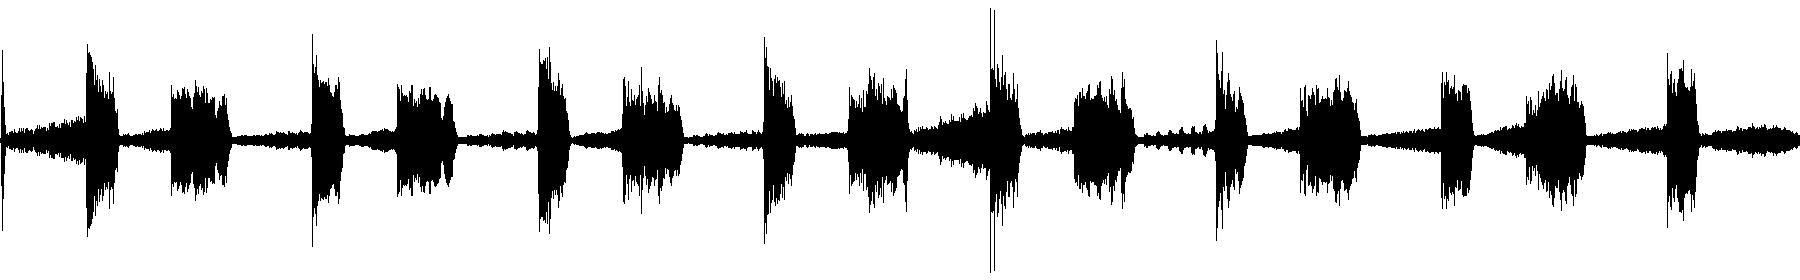 warning synth124